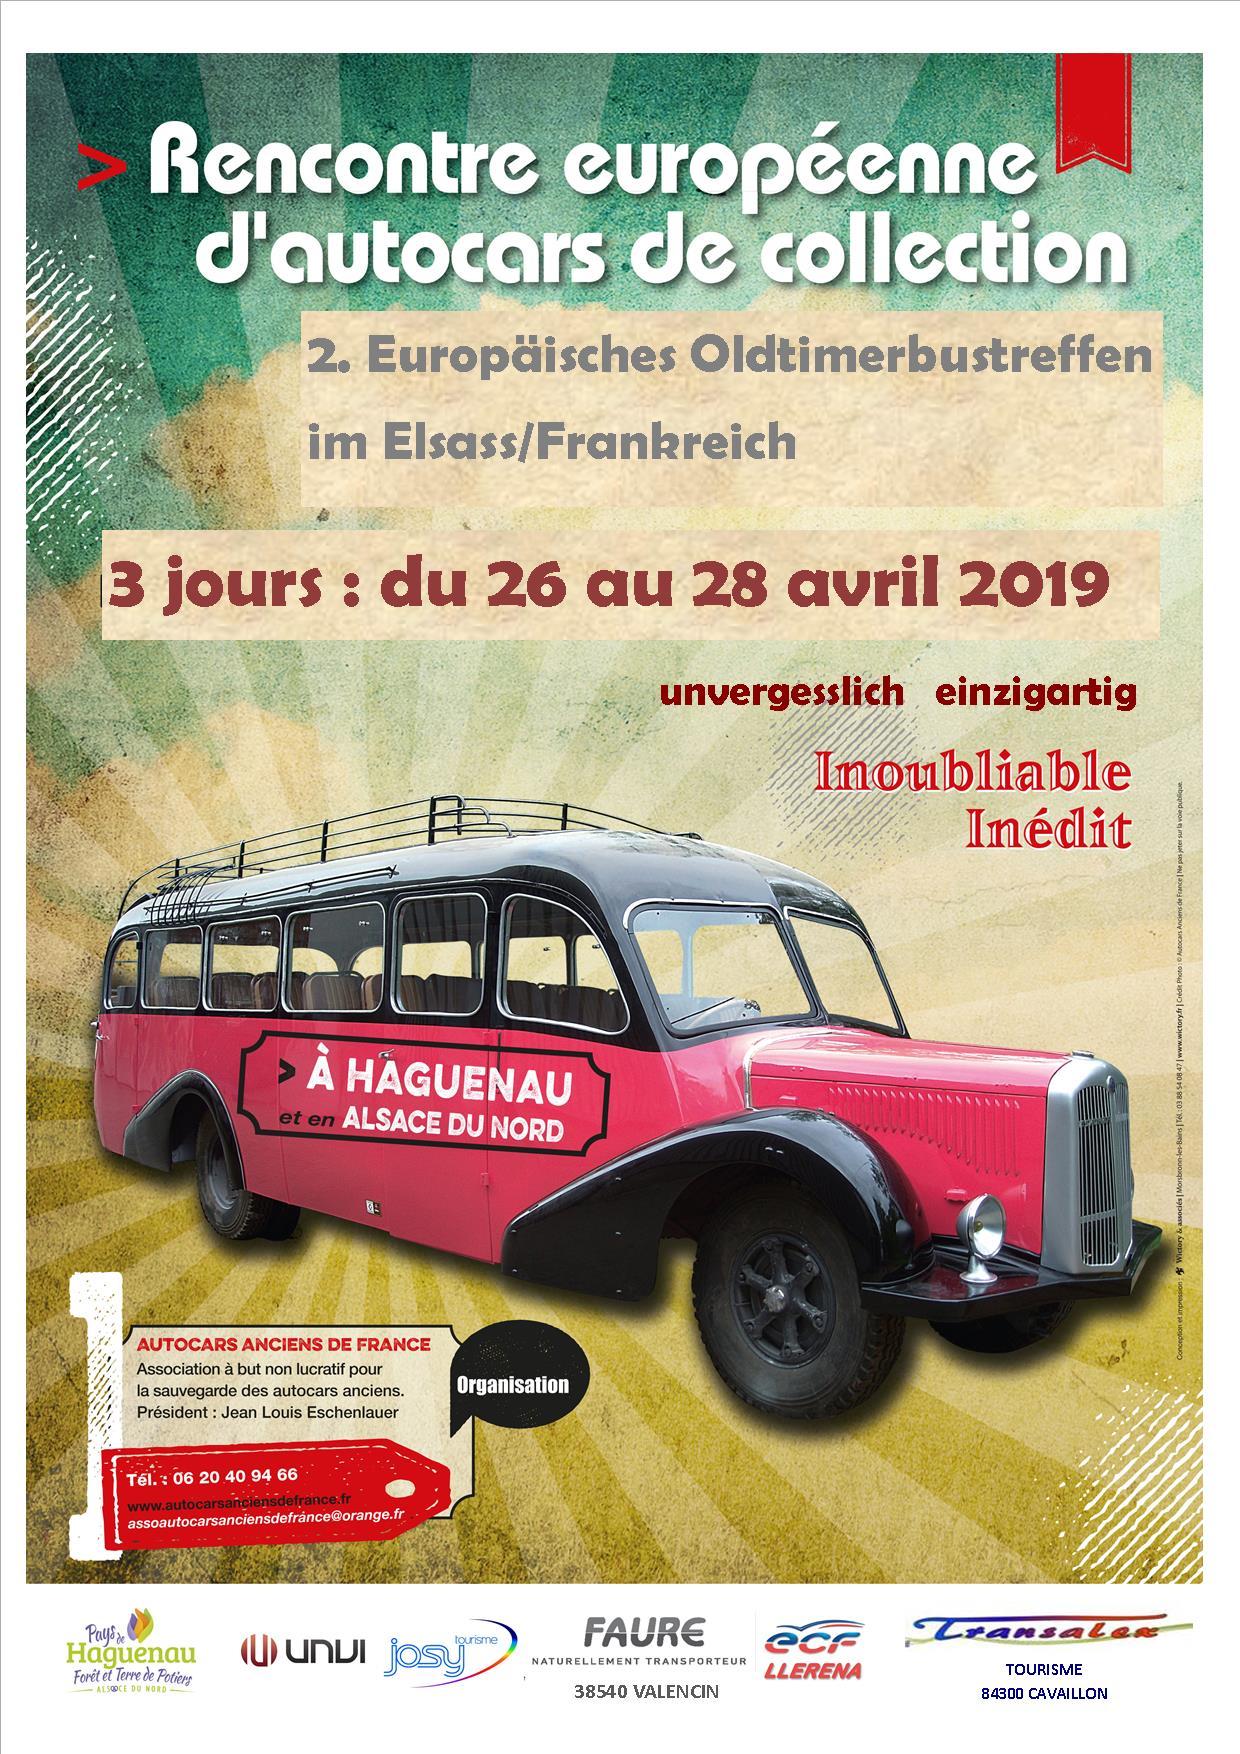 Rencontre Européenne d'Autocars de collection